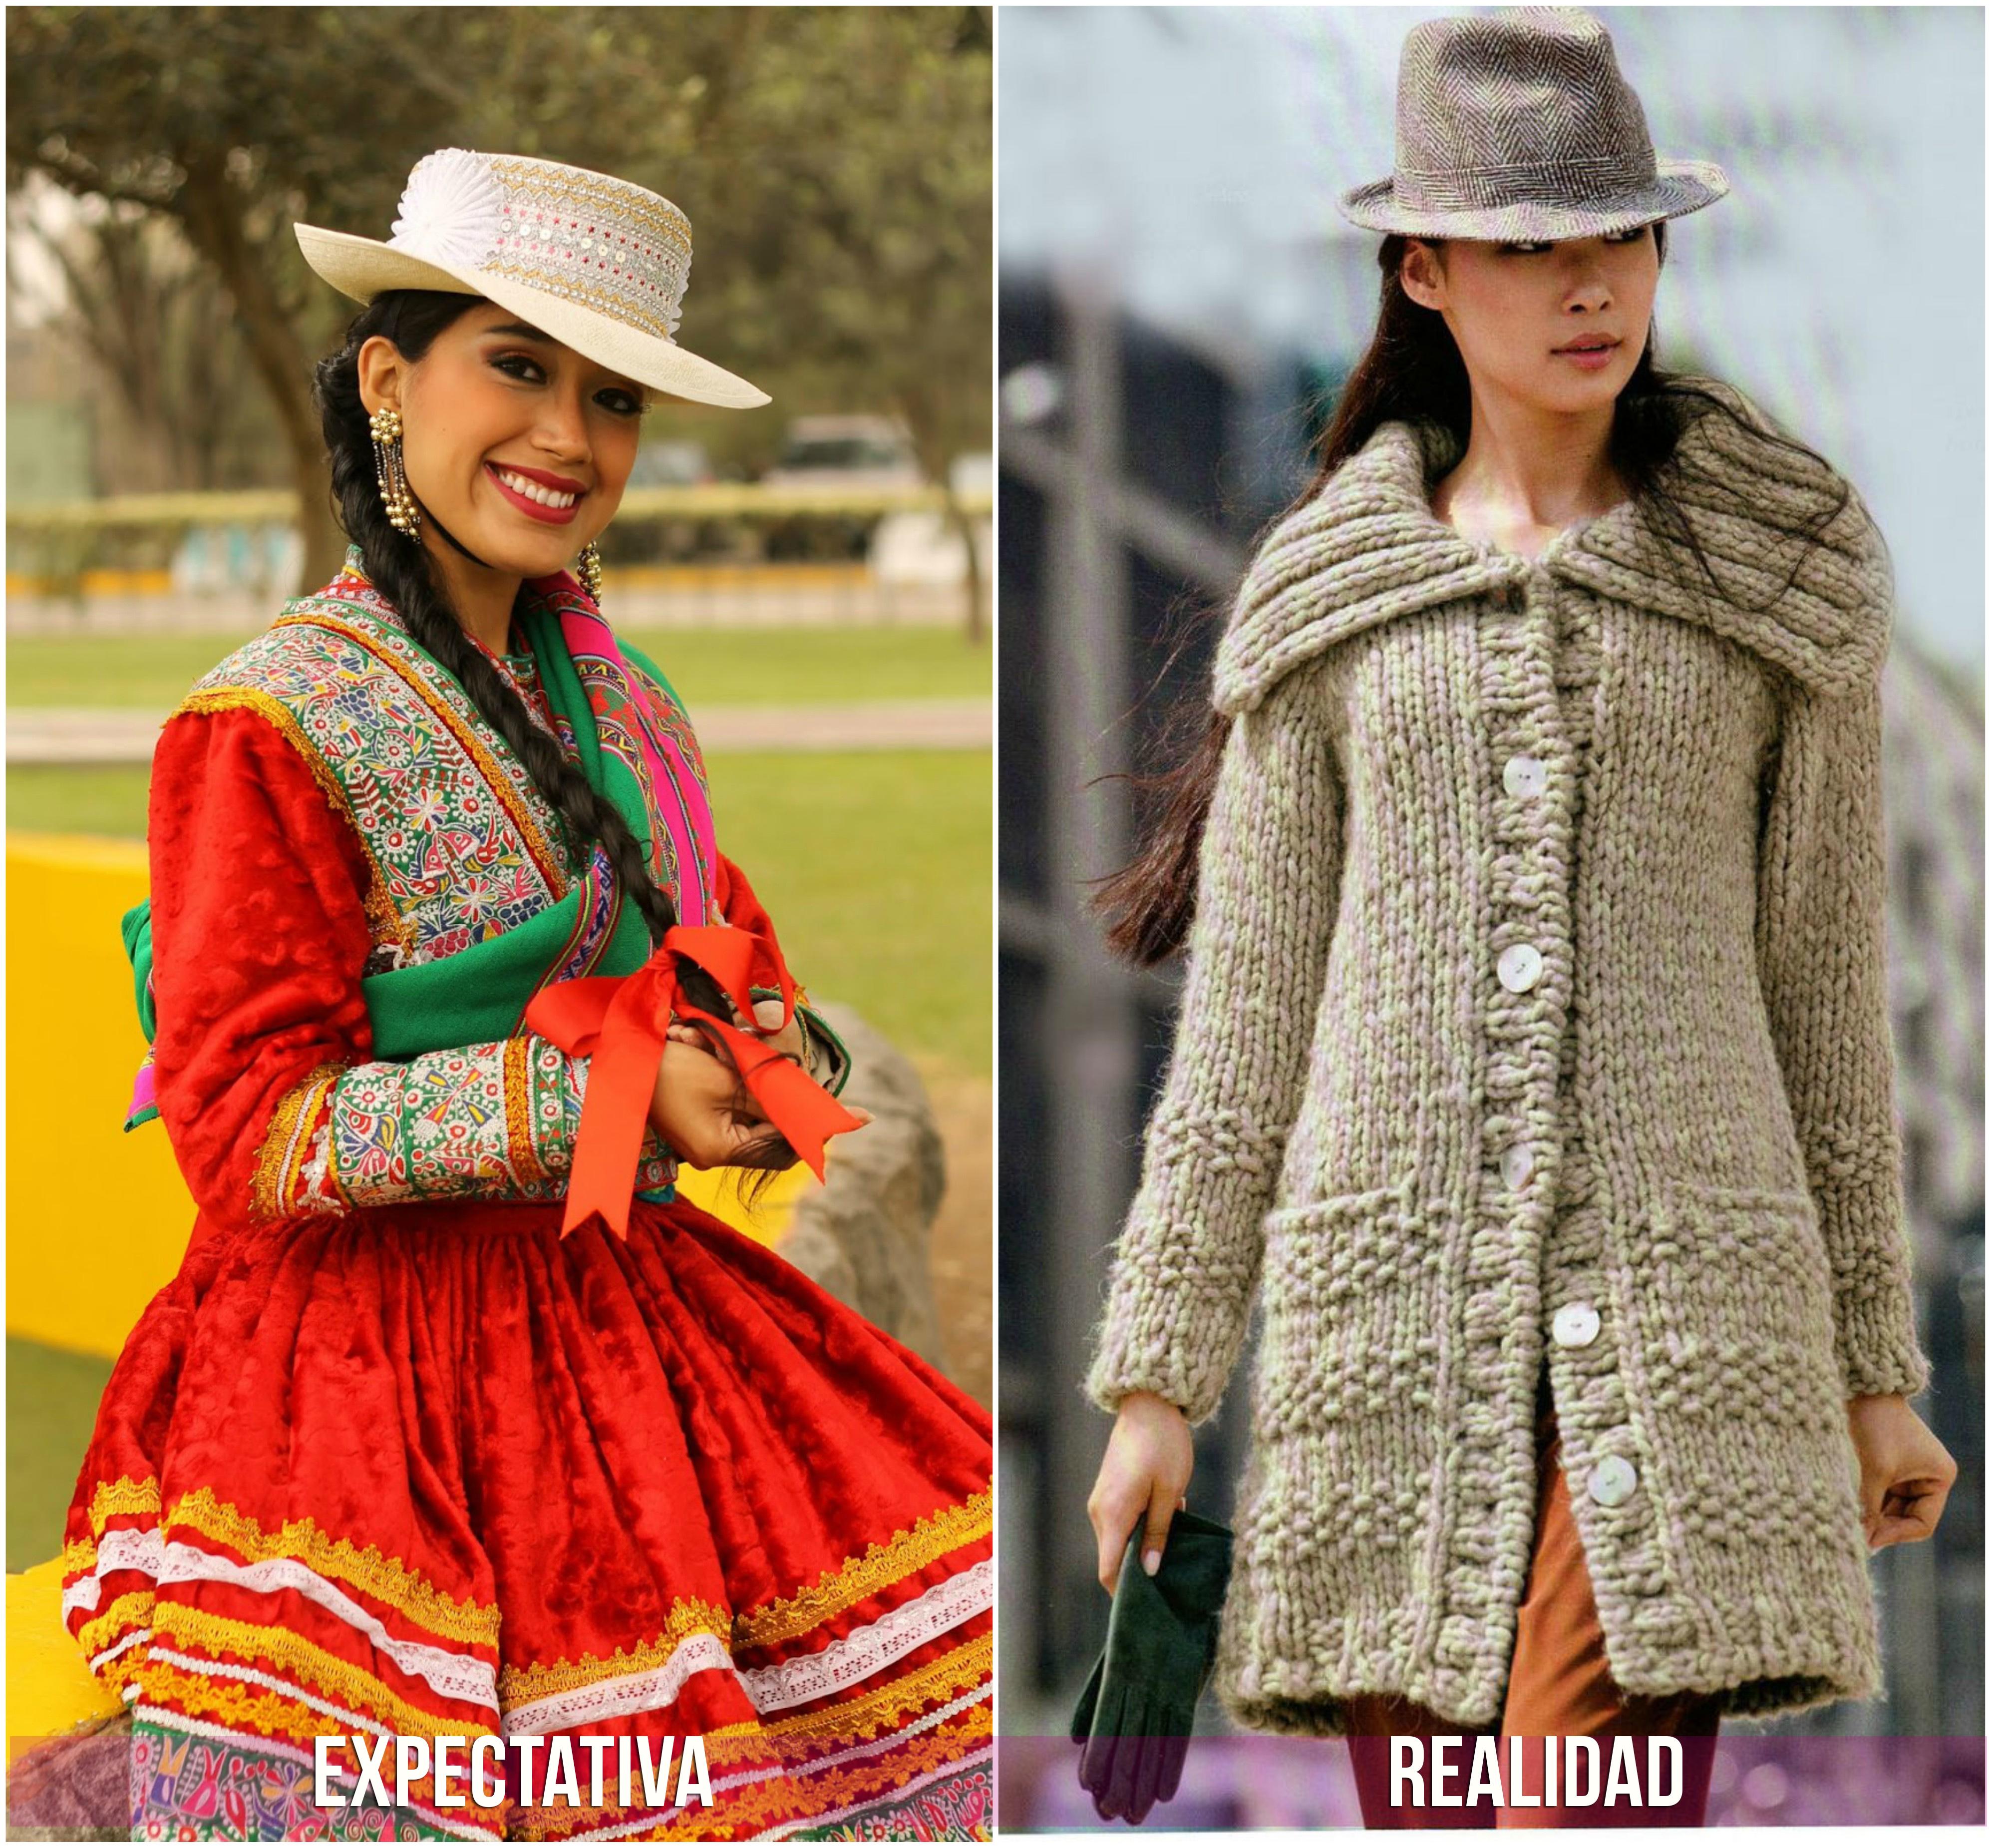 peruanas expectativa realidad